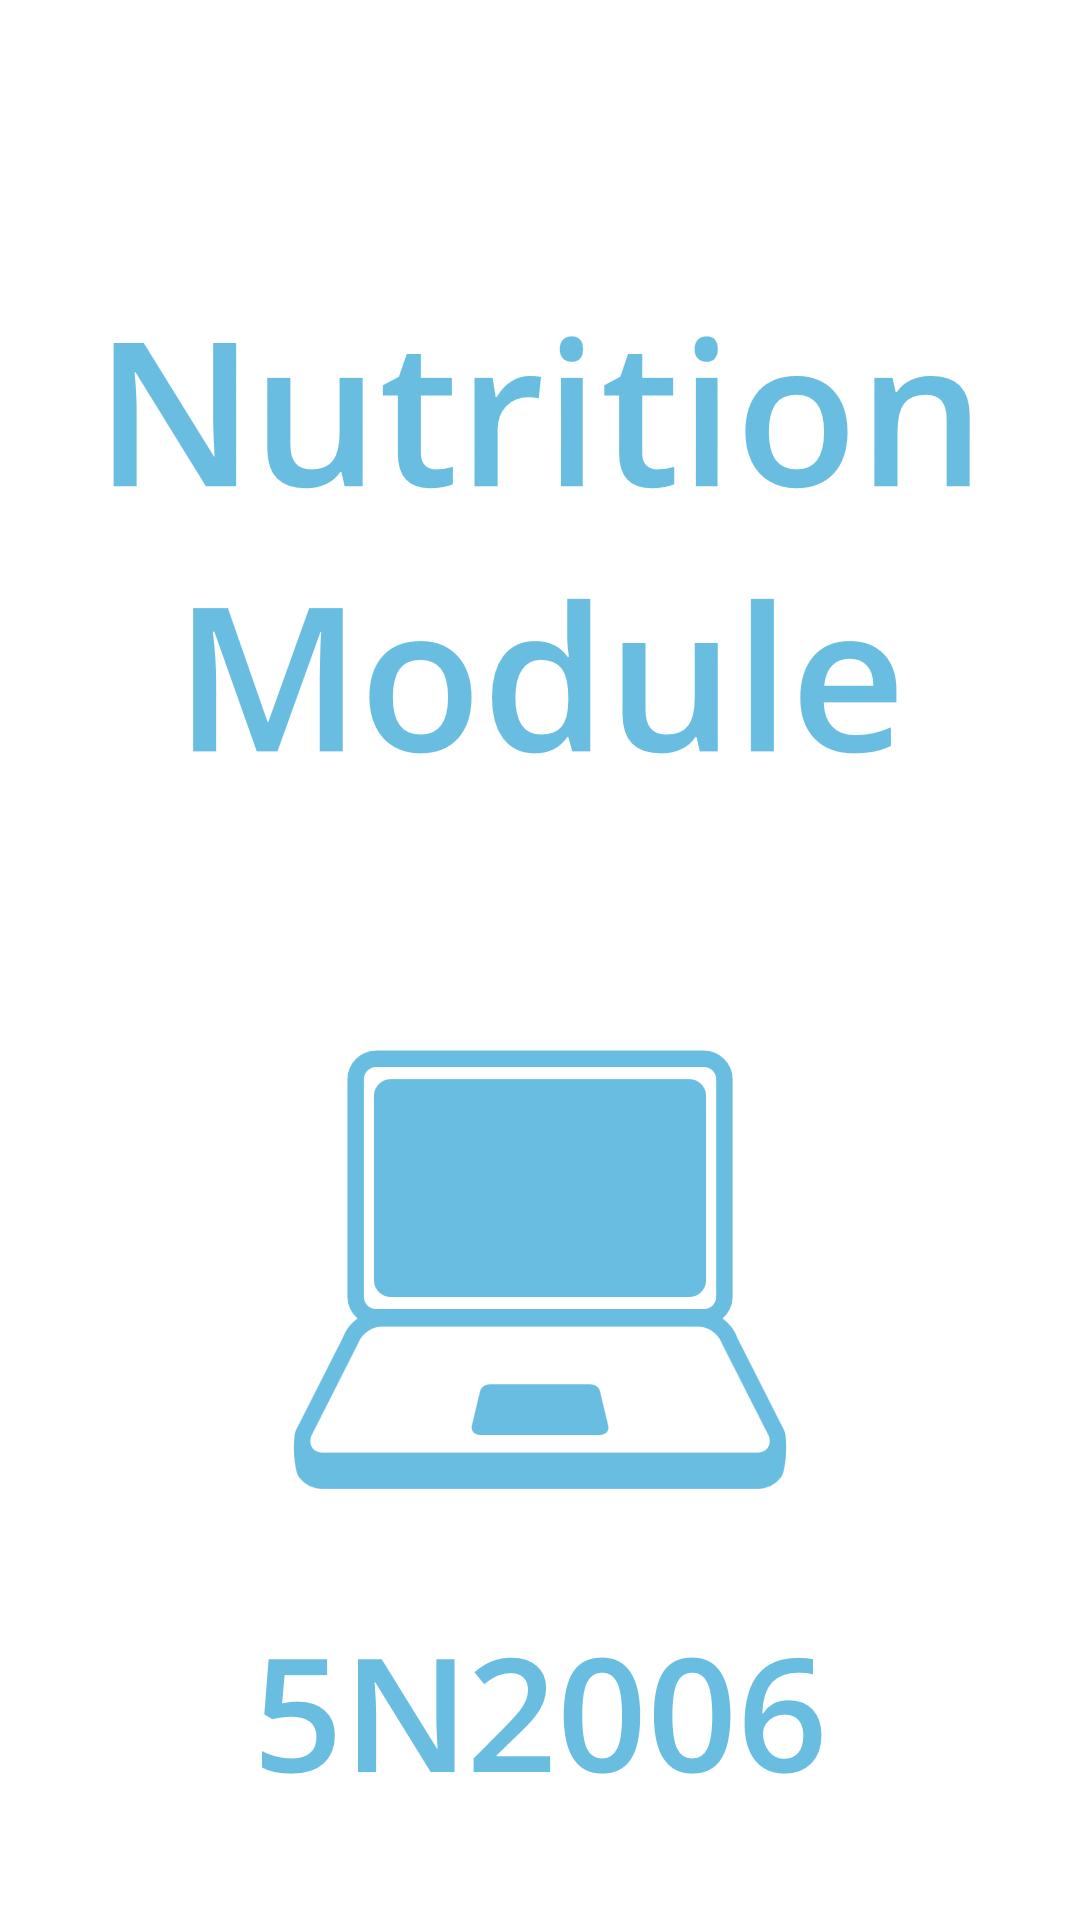 nutrition module